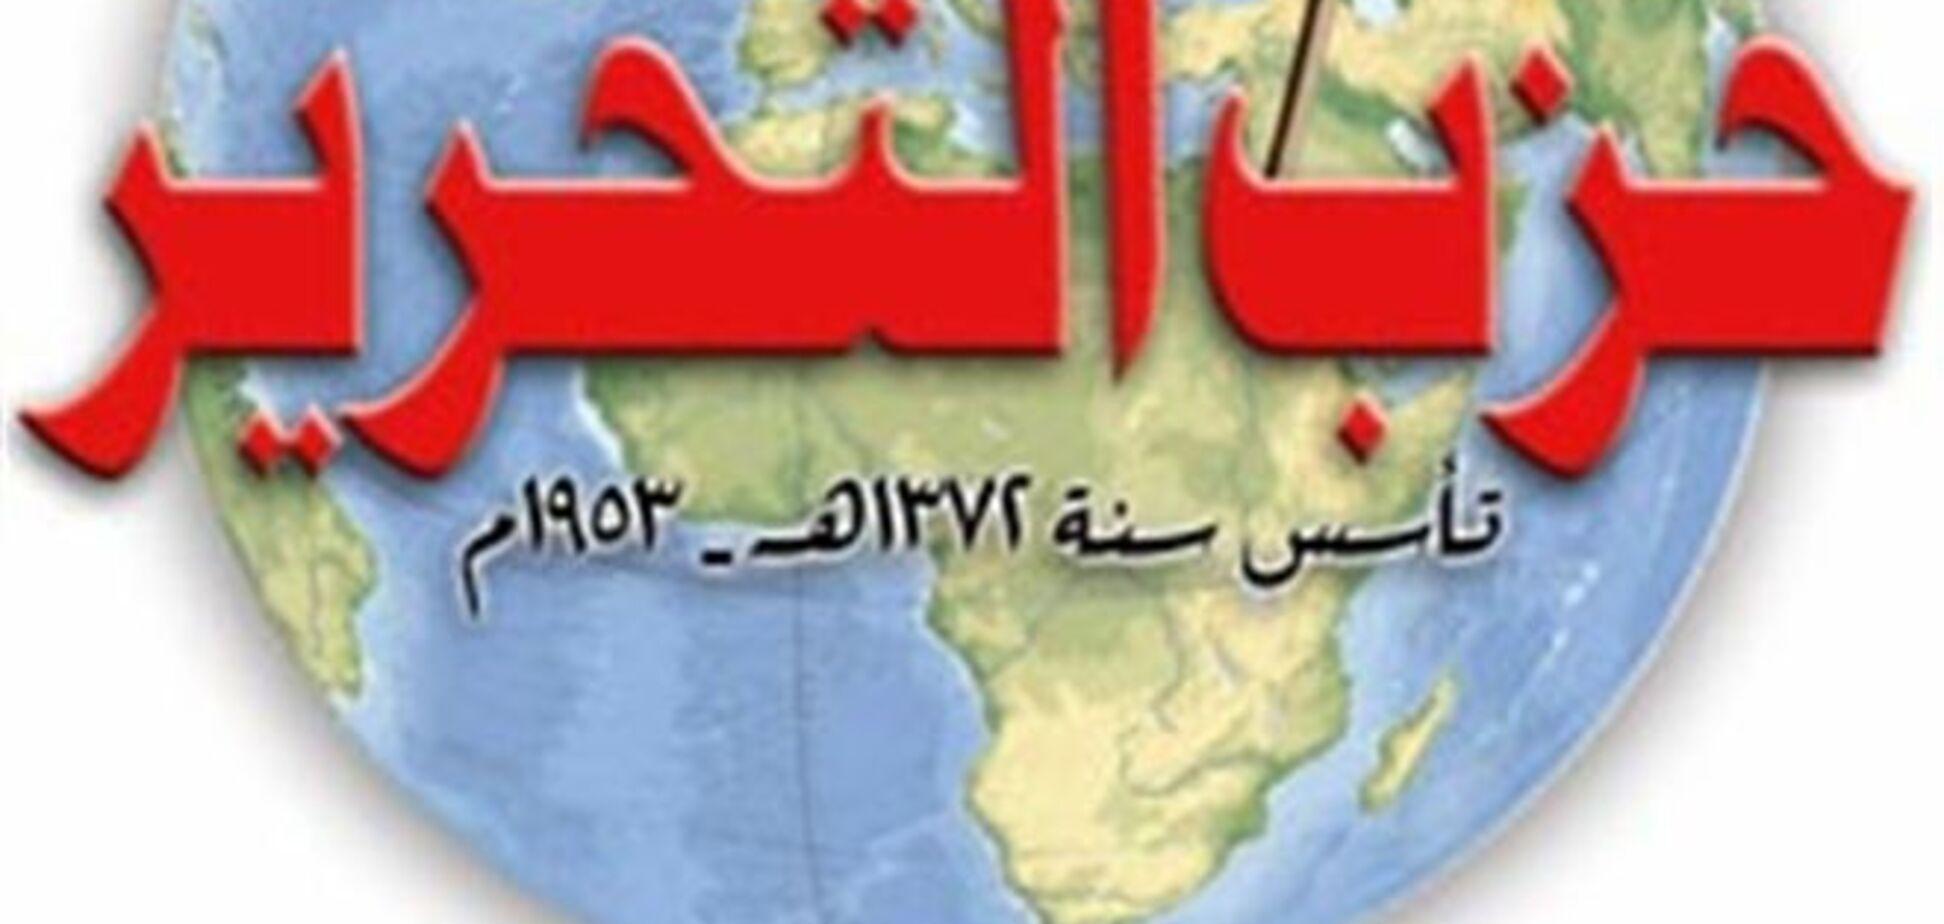 СБУ: у Криму ведеться агітація за 'допомогу Сирії'